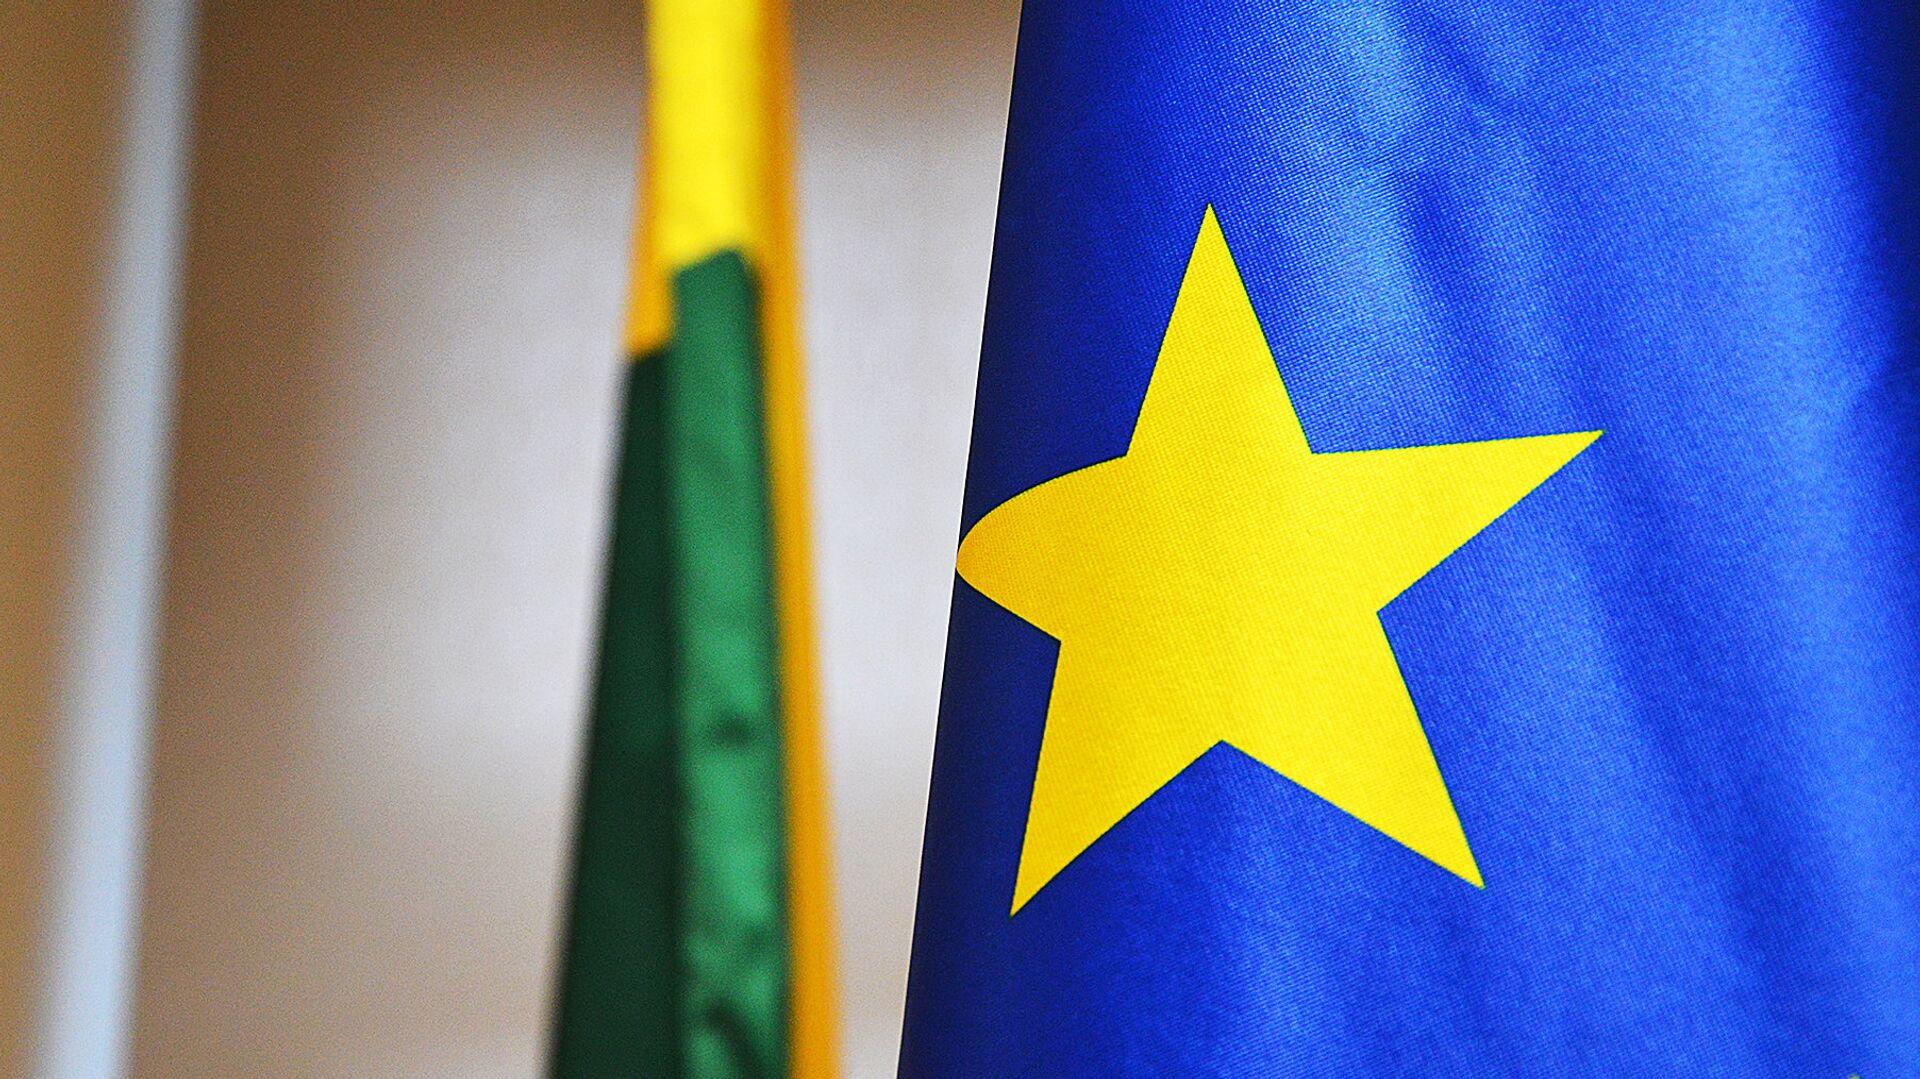 Флаги Евросоюза и Литвы - Sputnik Латвия, 1920, 12.07.2021